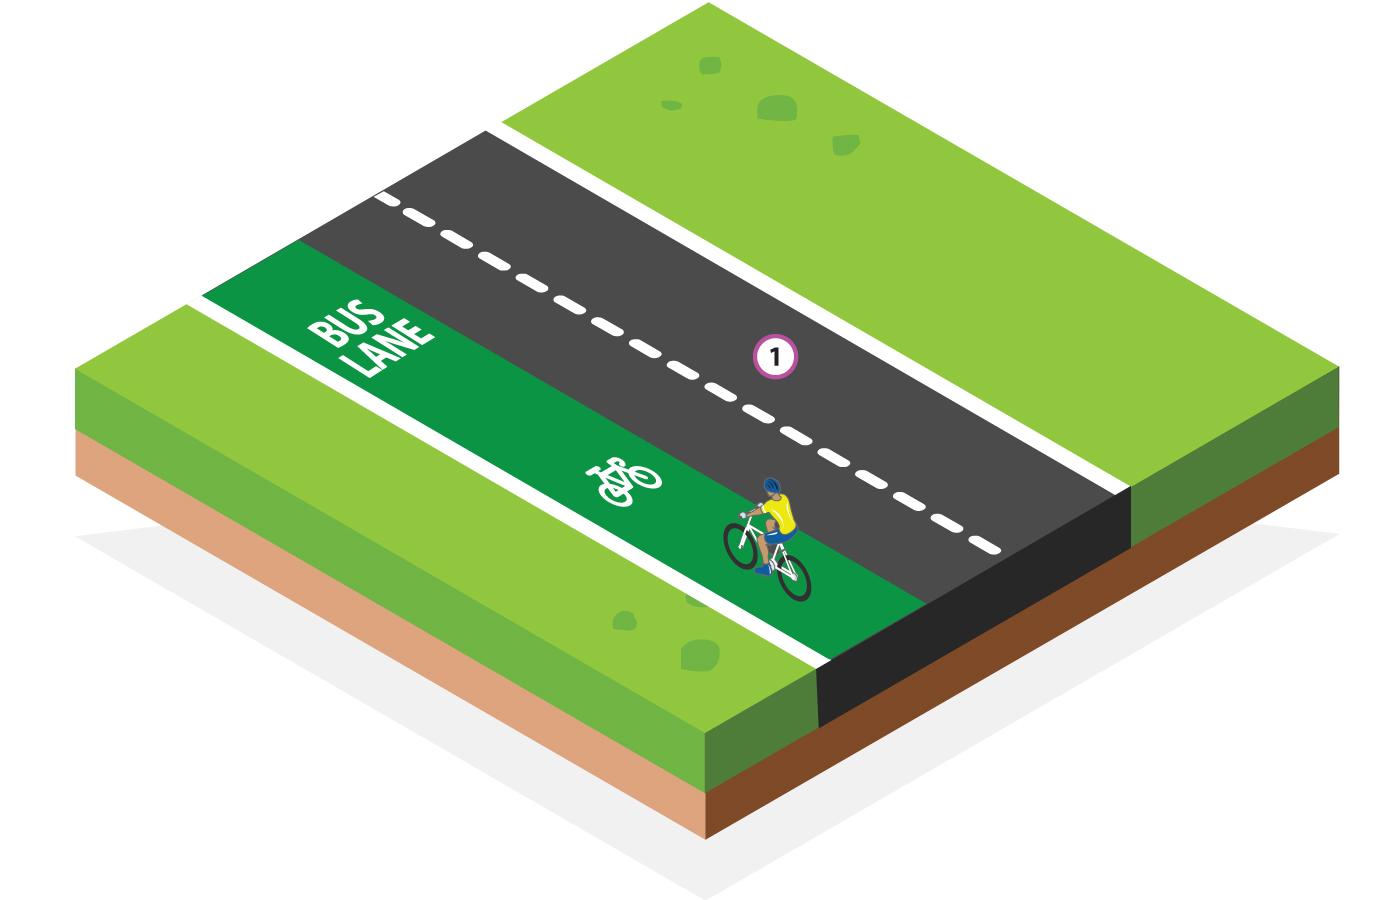 Bus/Cycle lane